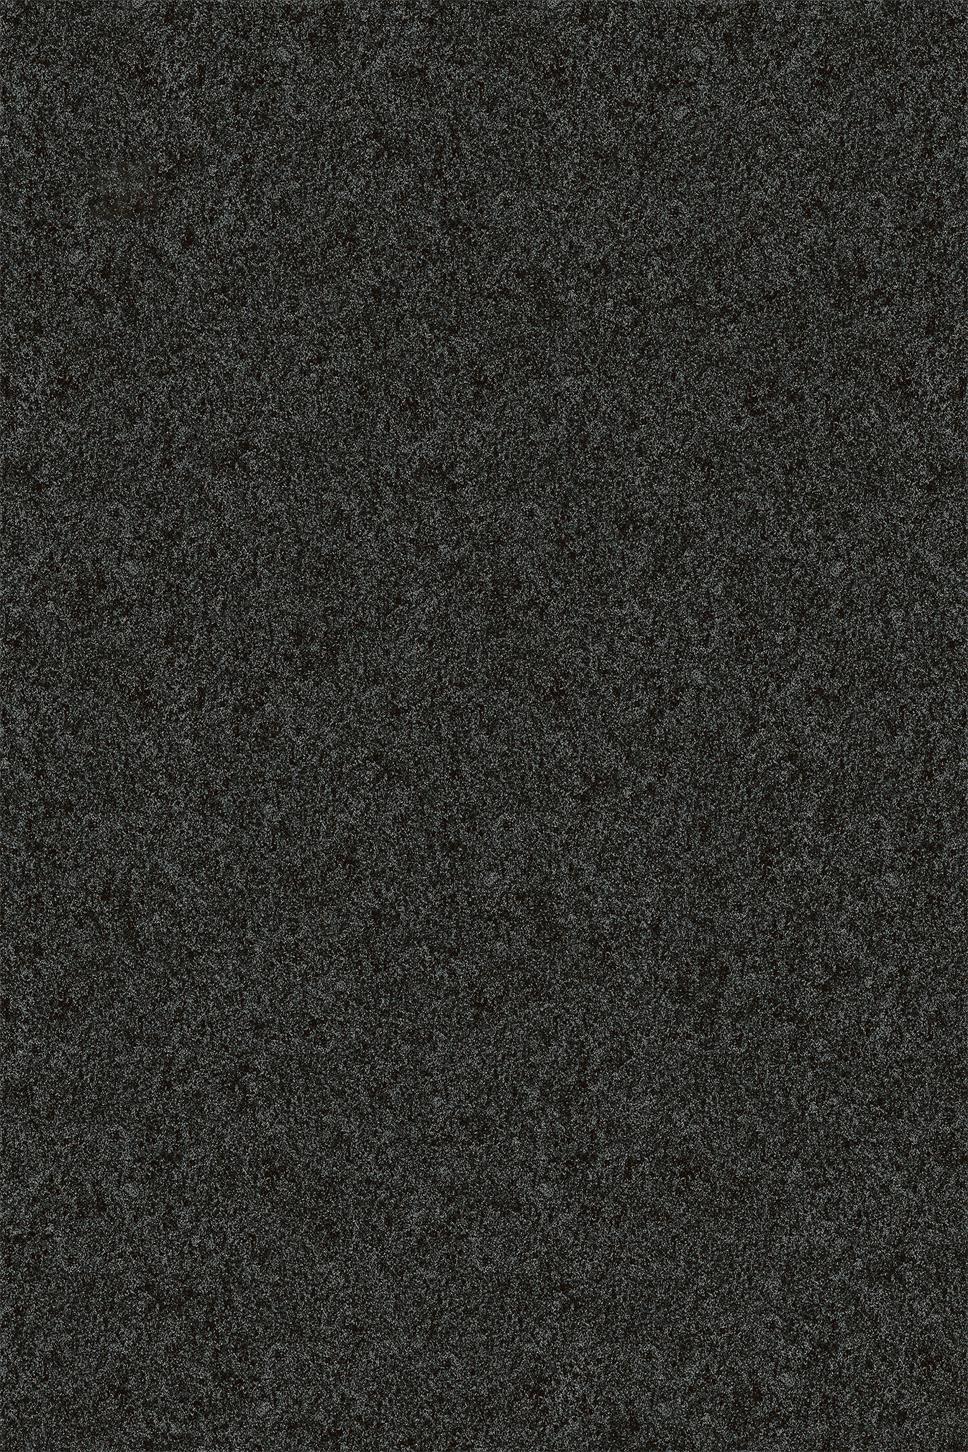 69HG03C中國黑